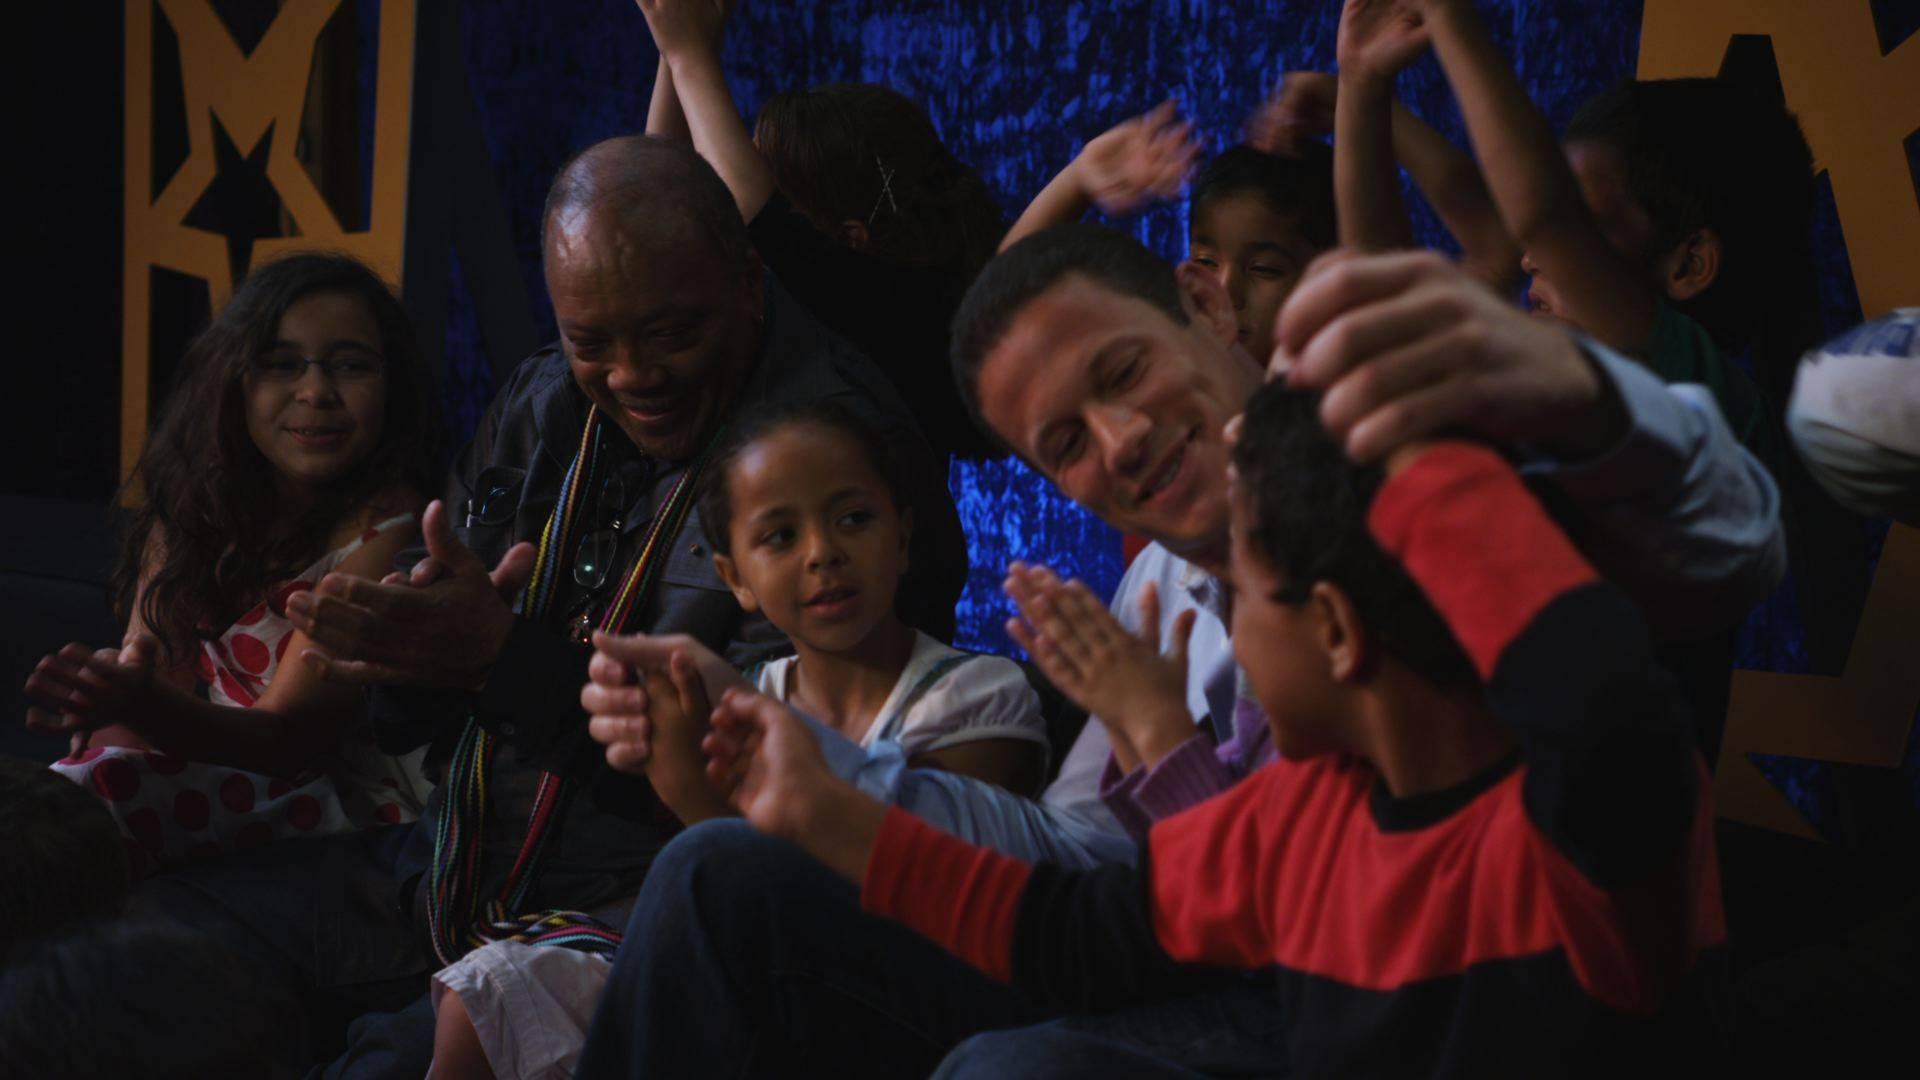 Quincy, Badr & the kids